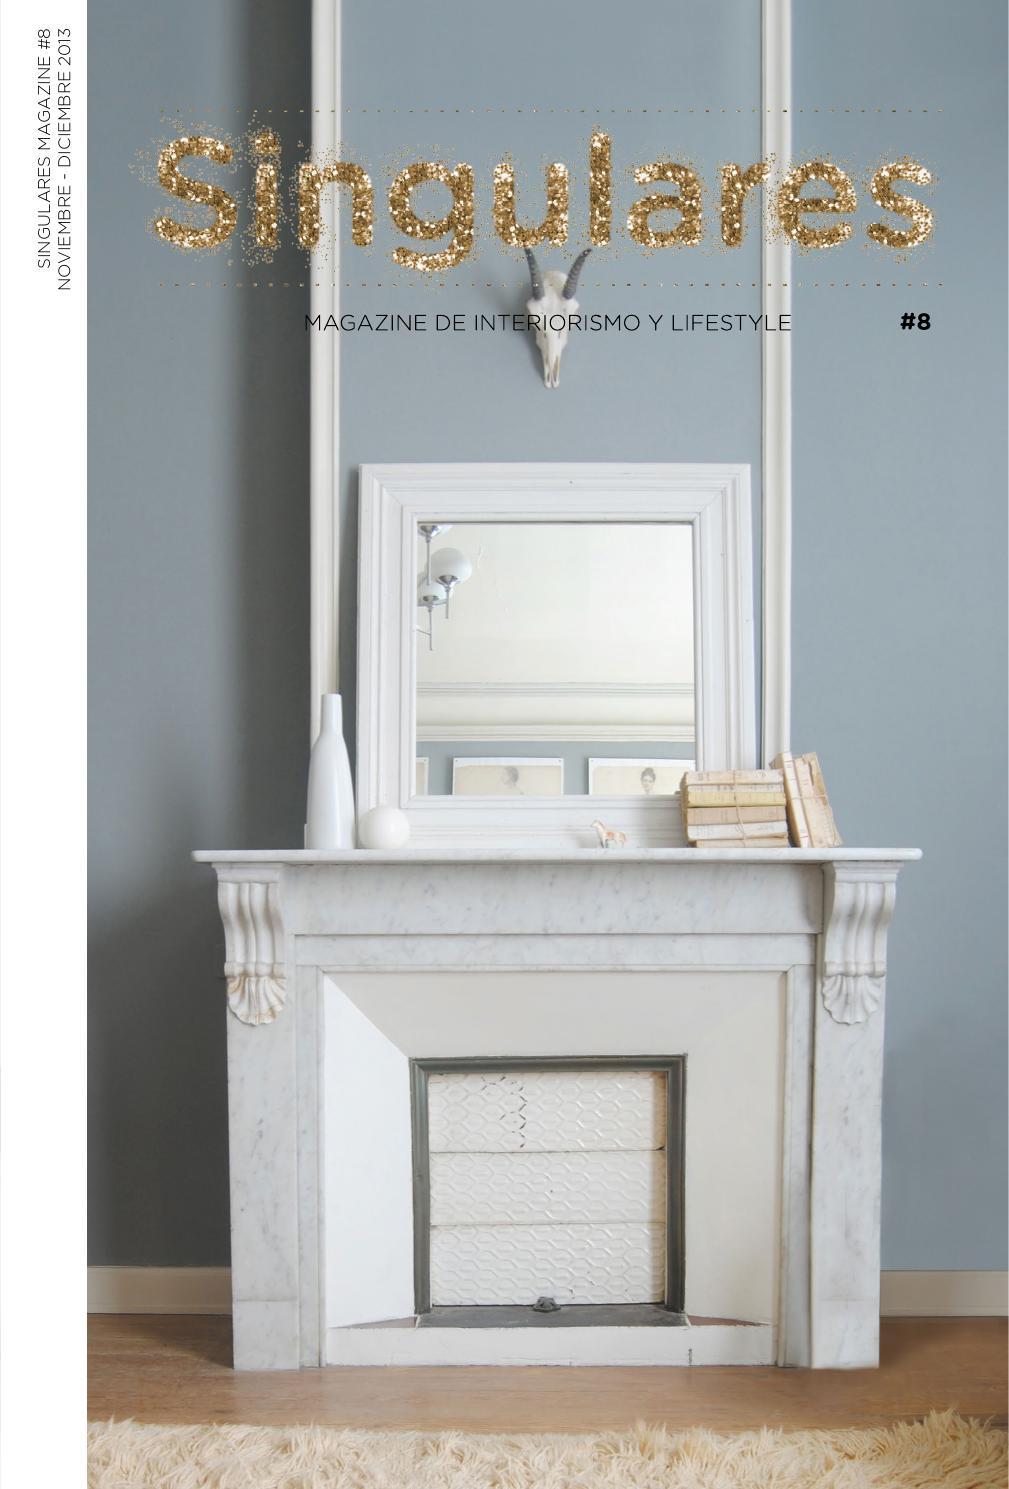 Singulares magazine 8 by singulares magazine issuu for Almacenes poveda